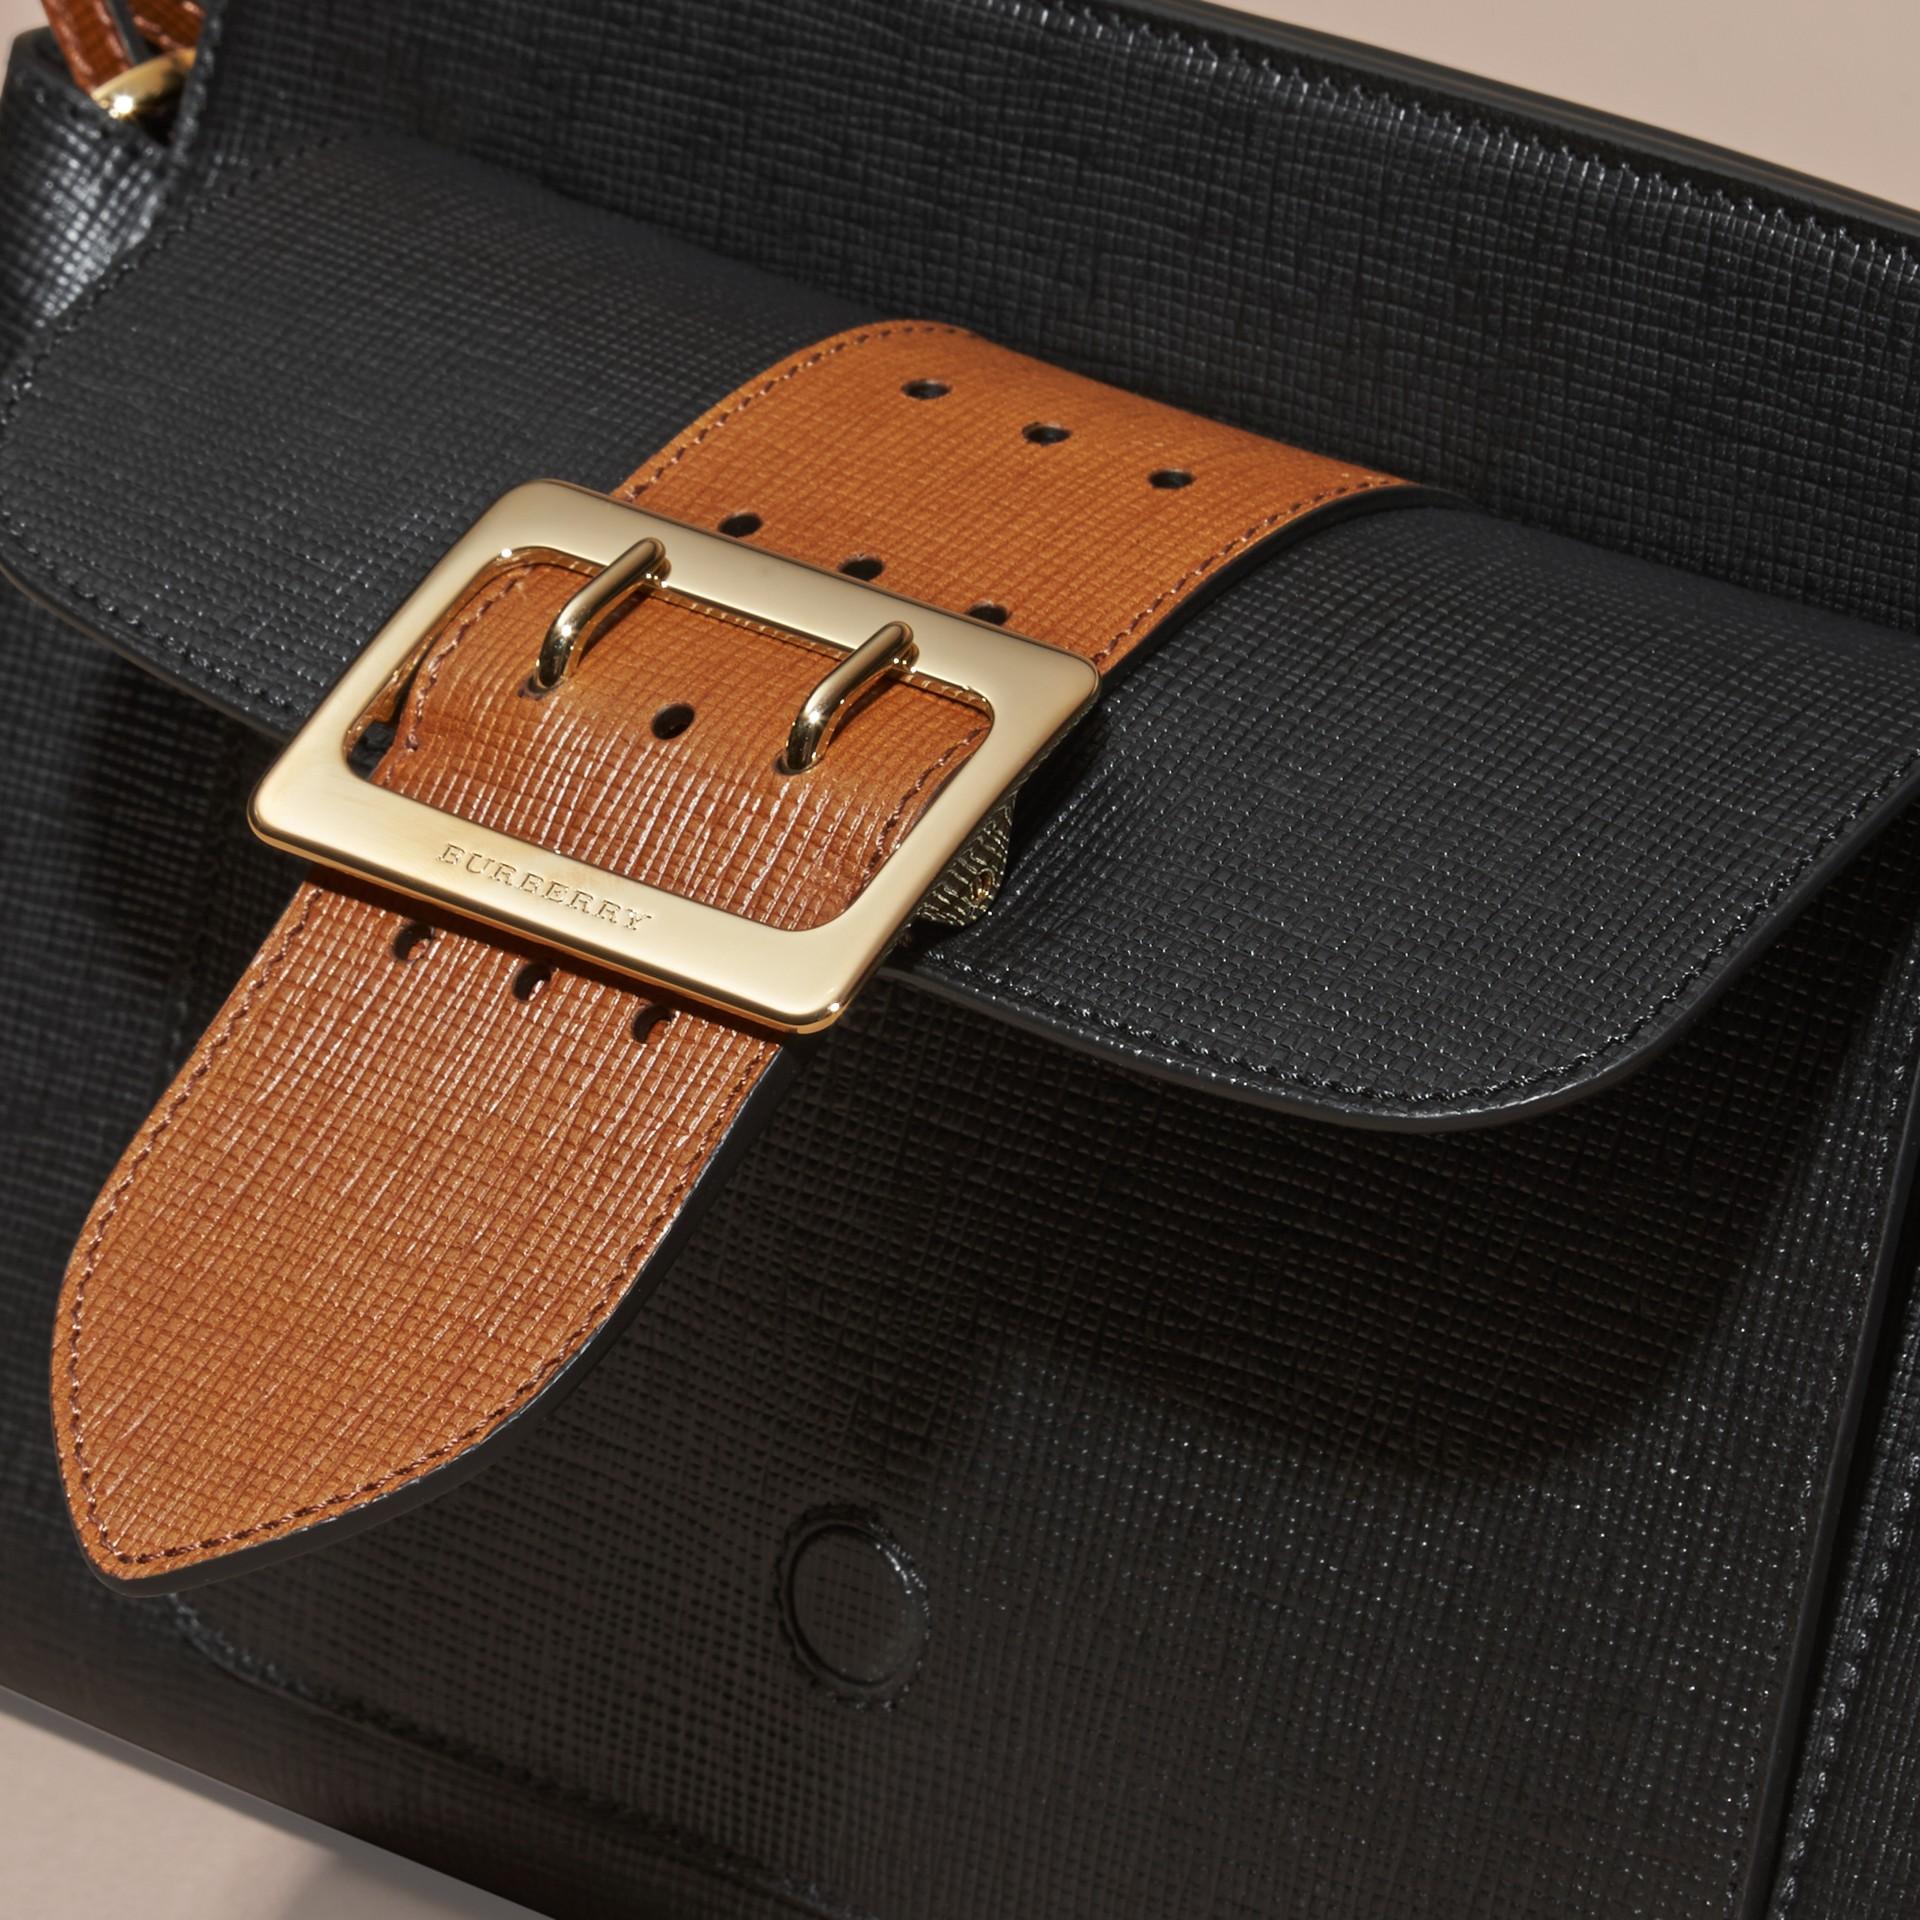 Черный Сумка-клатч Saddle из текстурной кожи - изображение 7